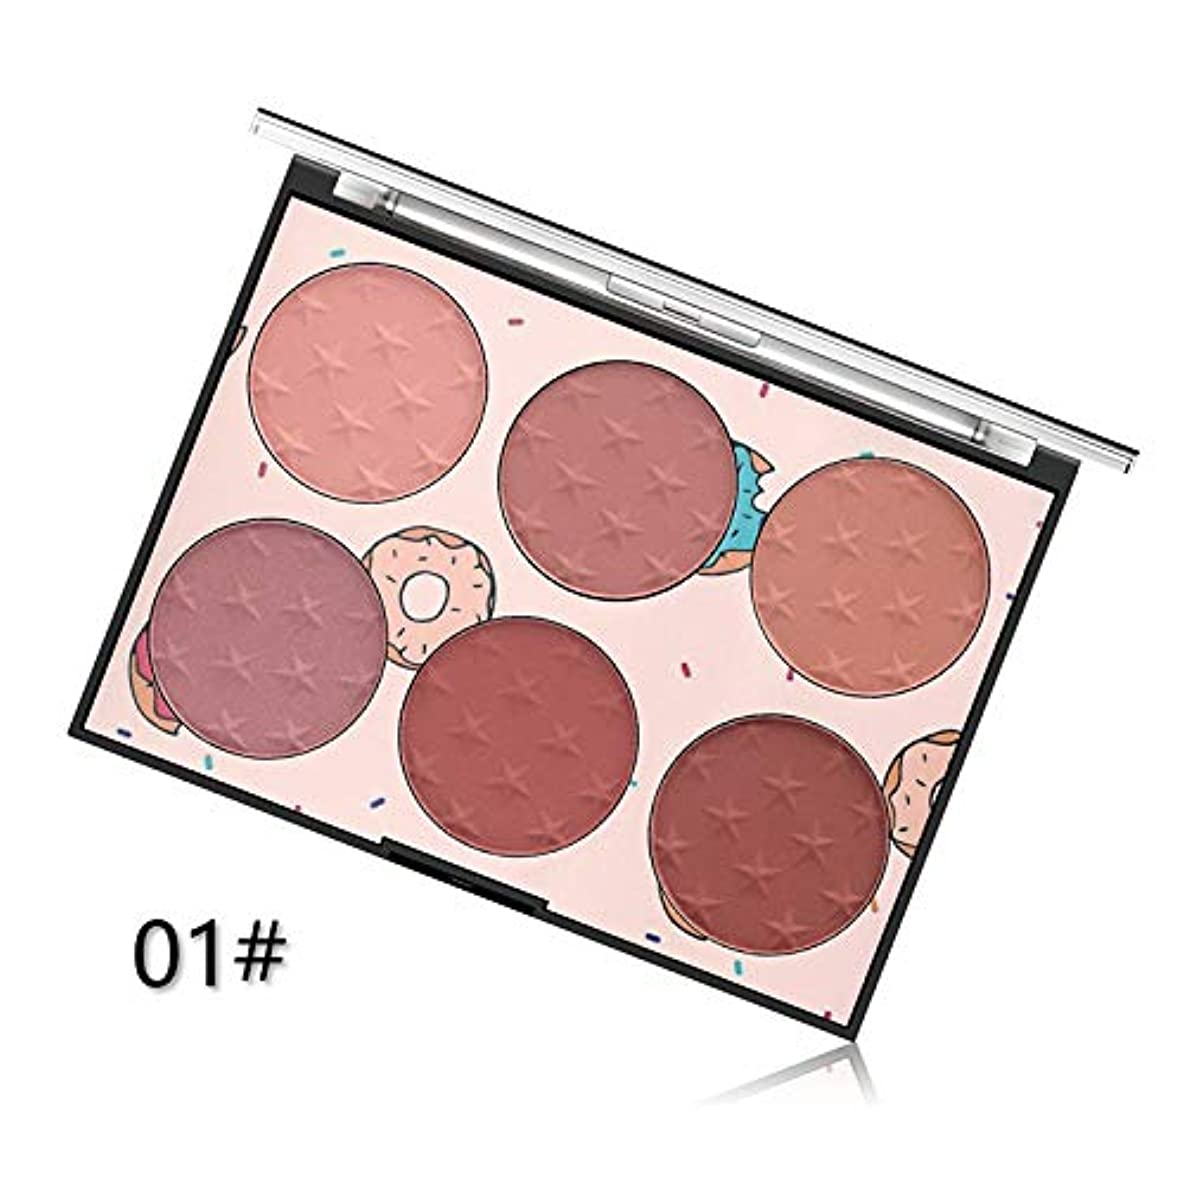 異なるオークランド敵対的Beaurtty 6色 ブラッシュパレット ナチュラル ロングラスティング 肌にやさしい 化粧品 (N01)